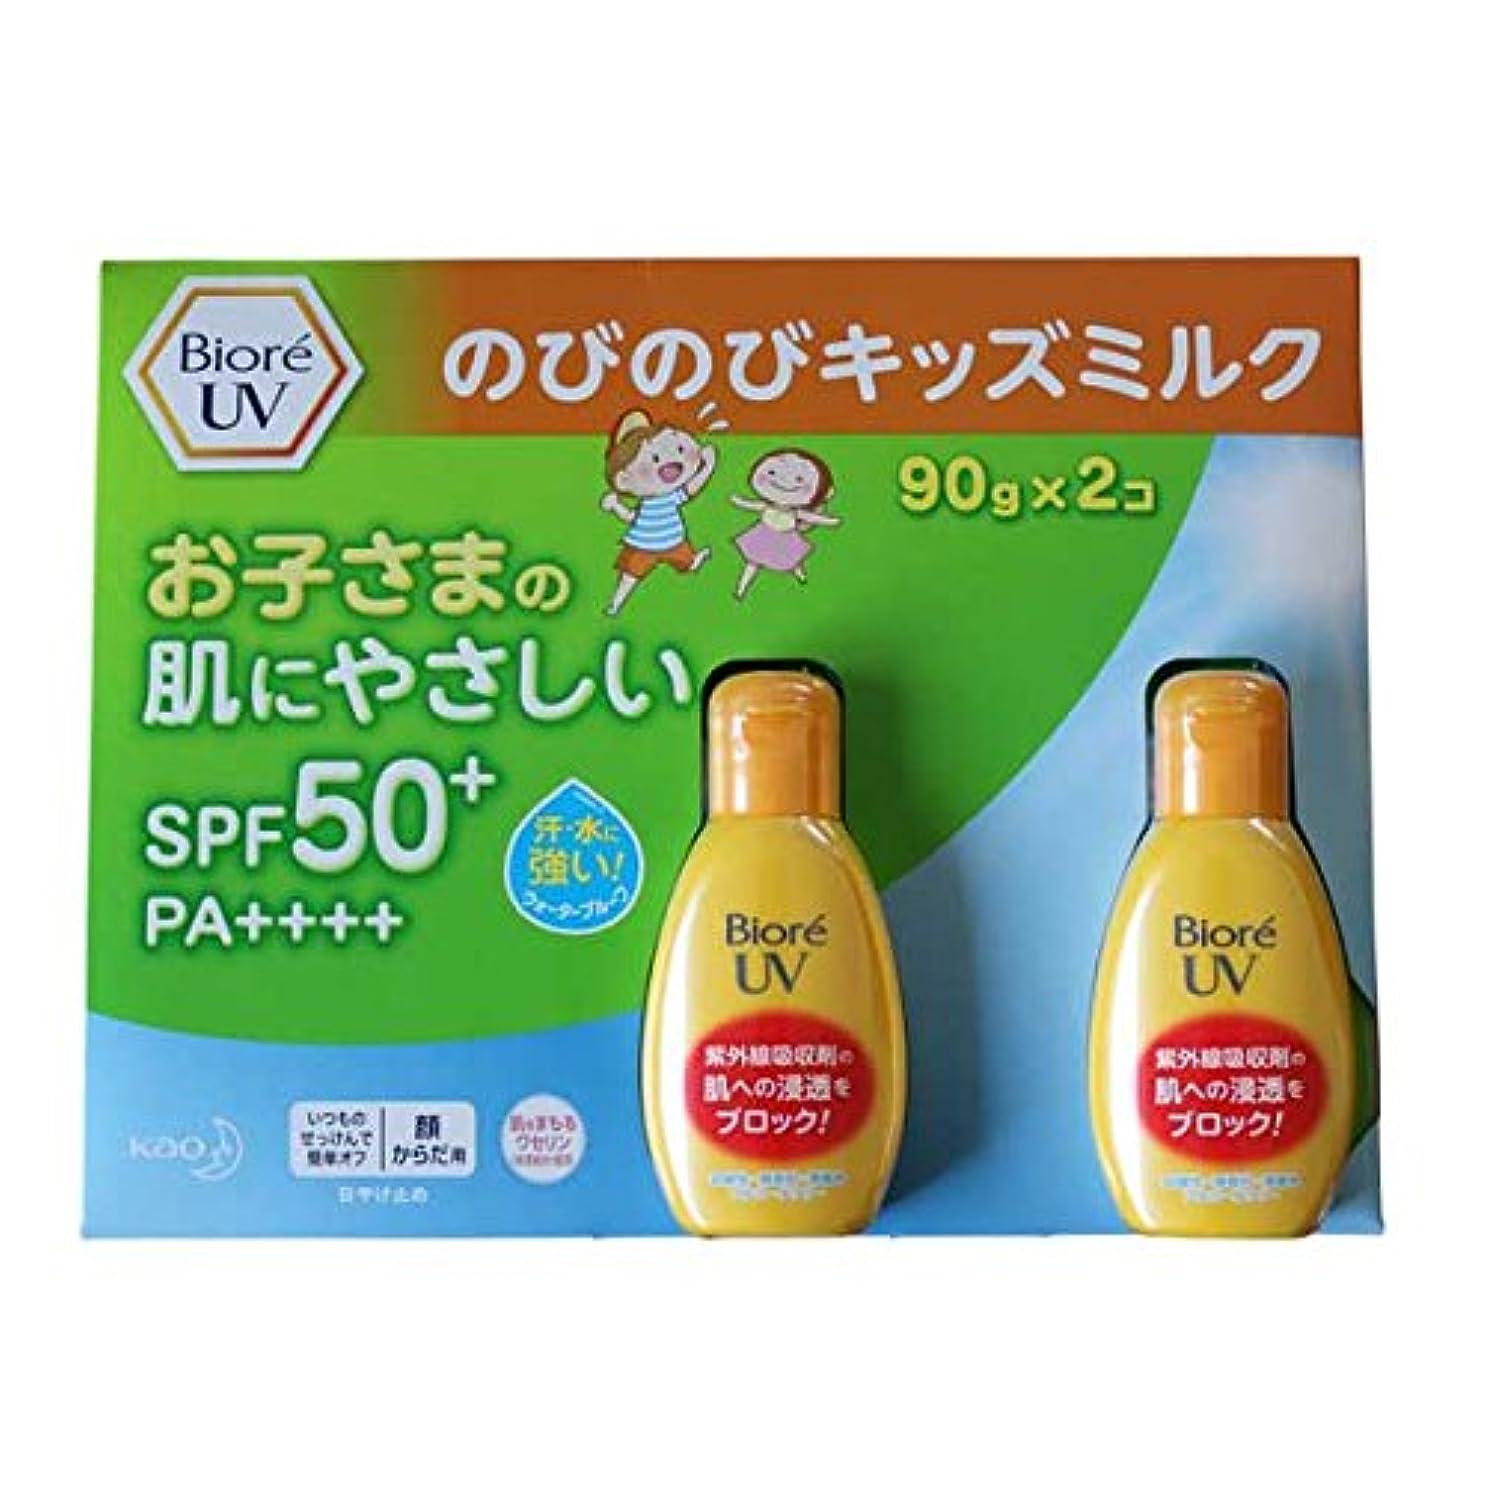 うなずく化学薬品肉屋花王 ビオレ UV のびのびキッズミルク 日焼け止め乳液 SPF50+ PA++++ 90gx2本セット 強力紫外線カット